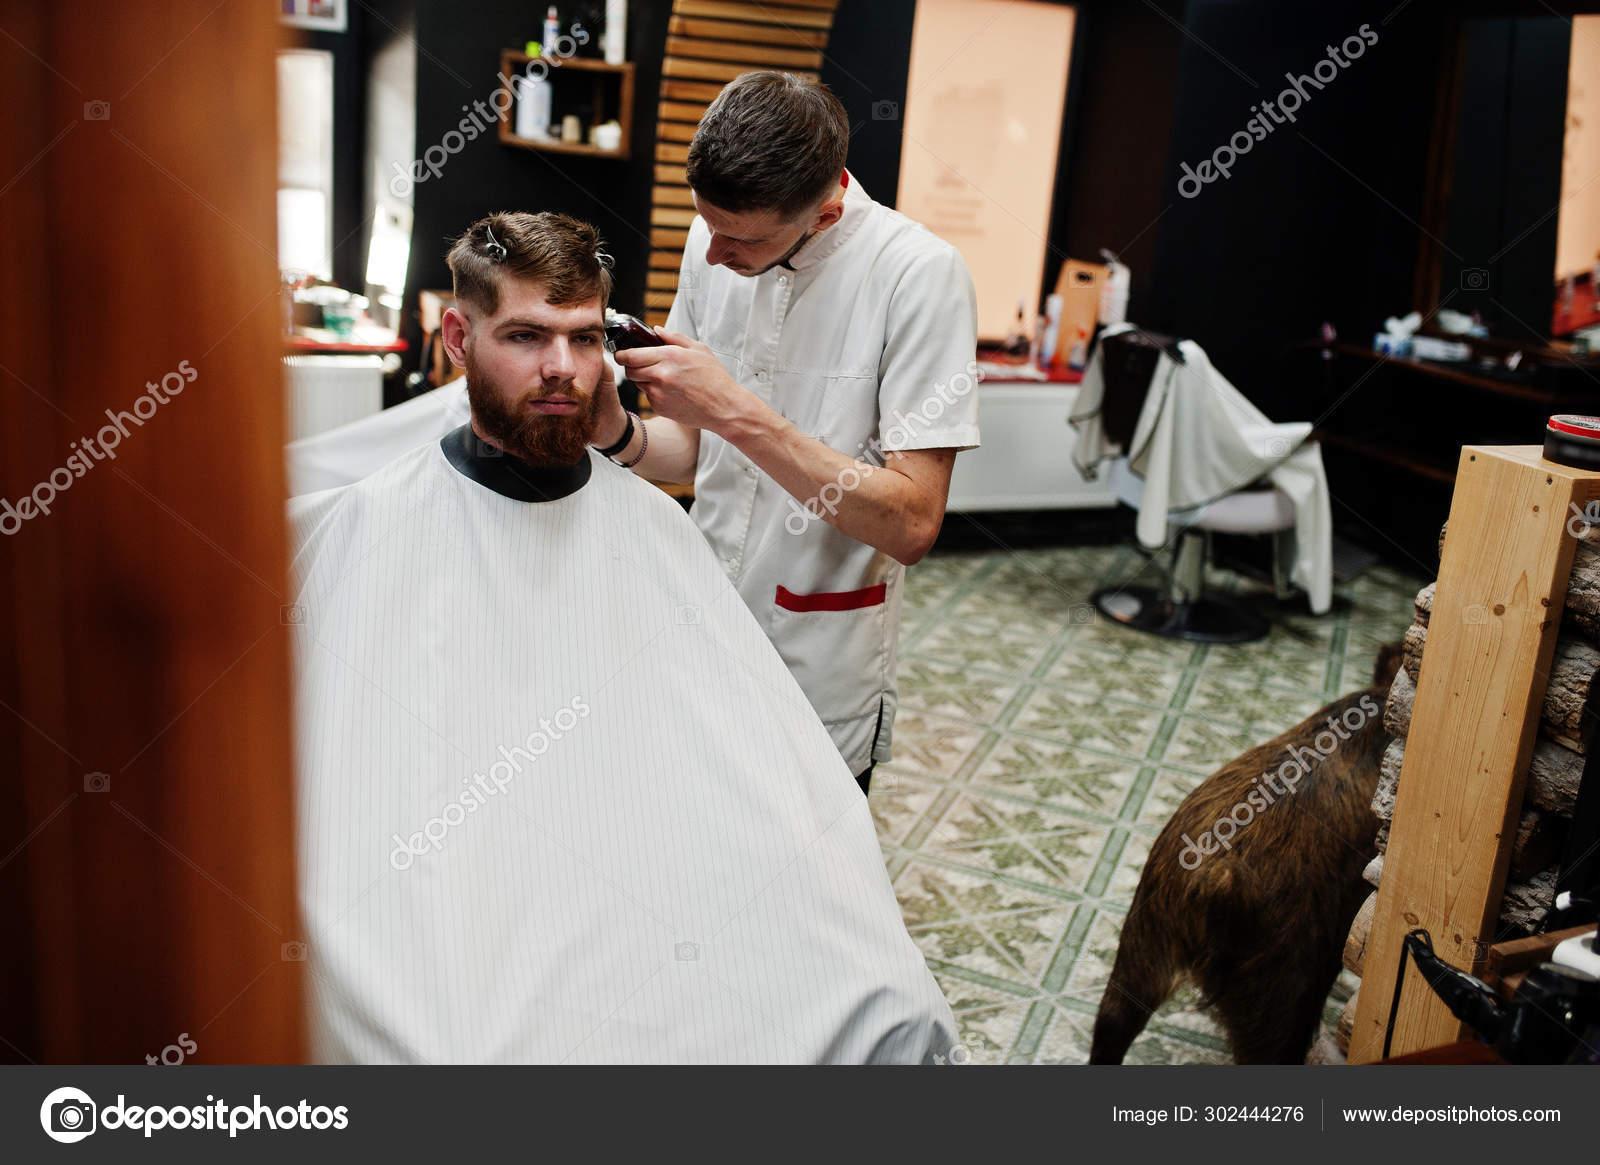 Getting A Haircut 57